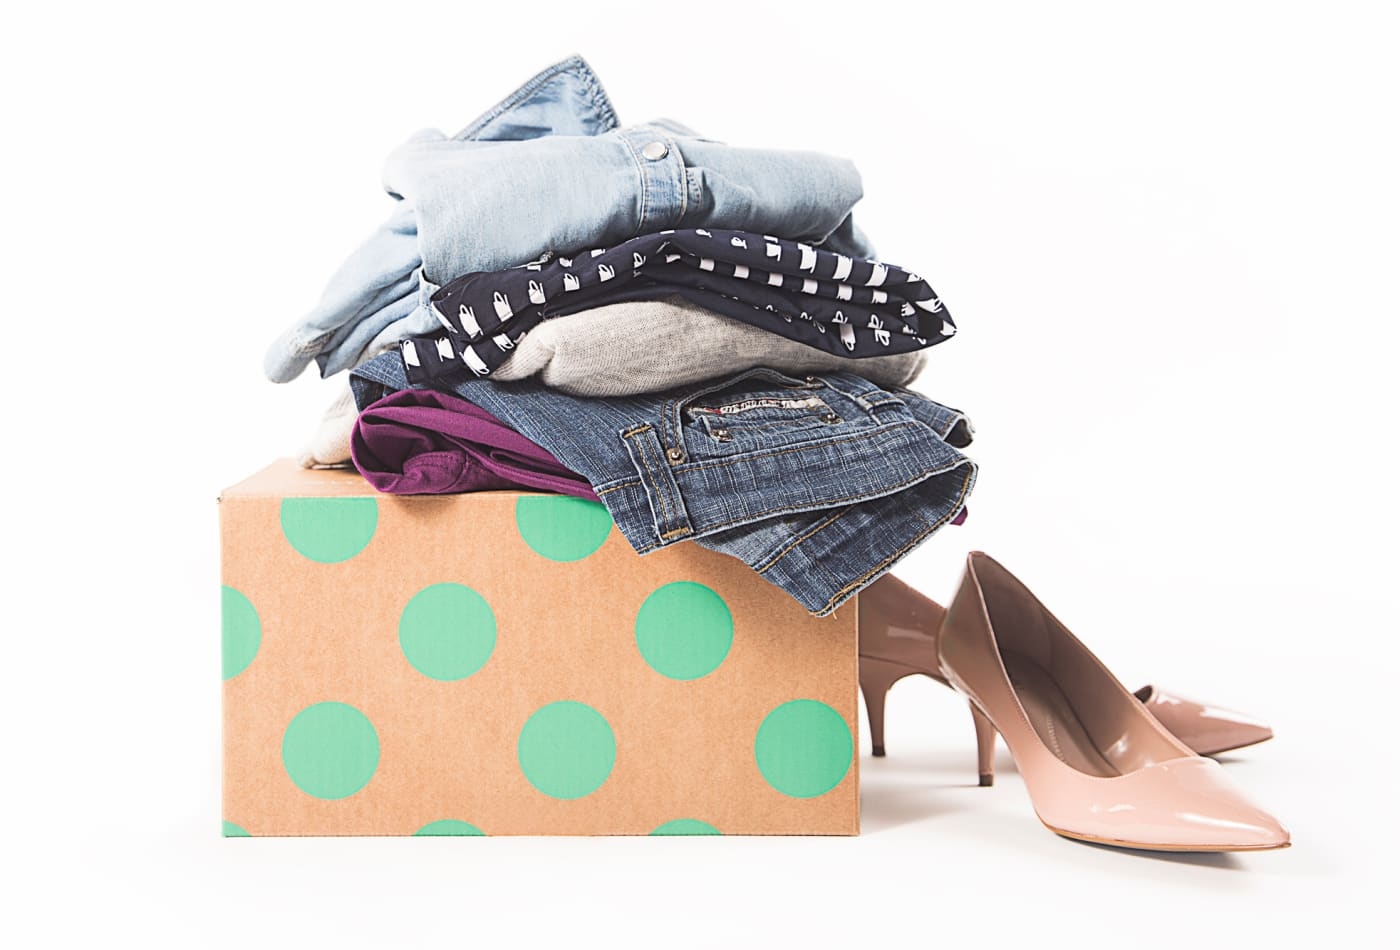 Fashion: Retailers under threat from $24 billion second hand market